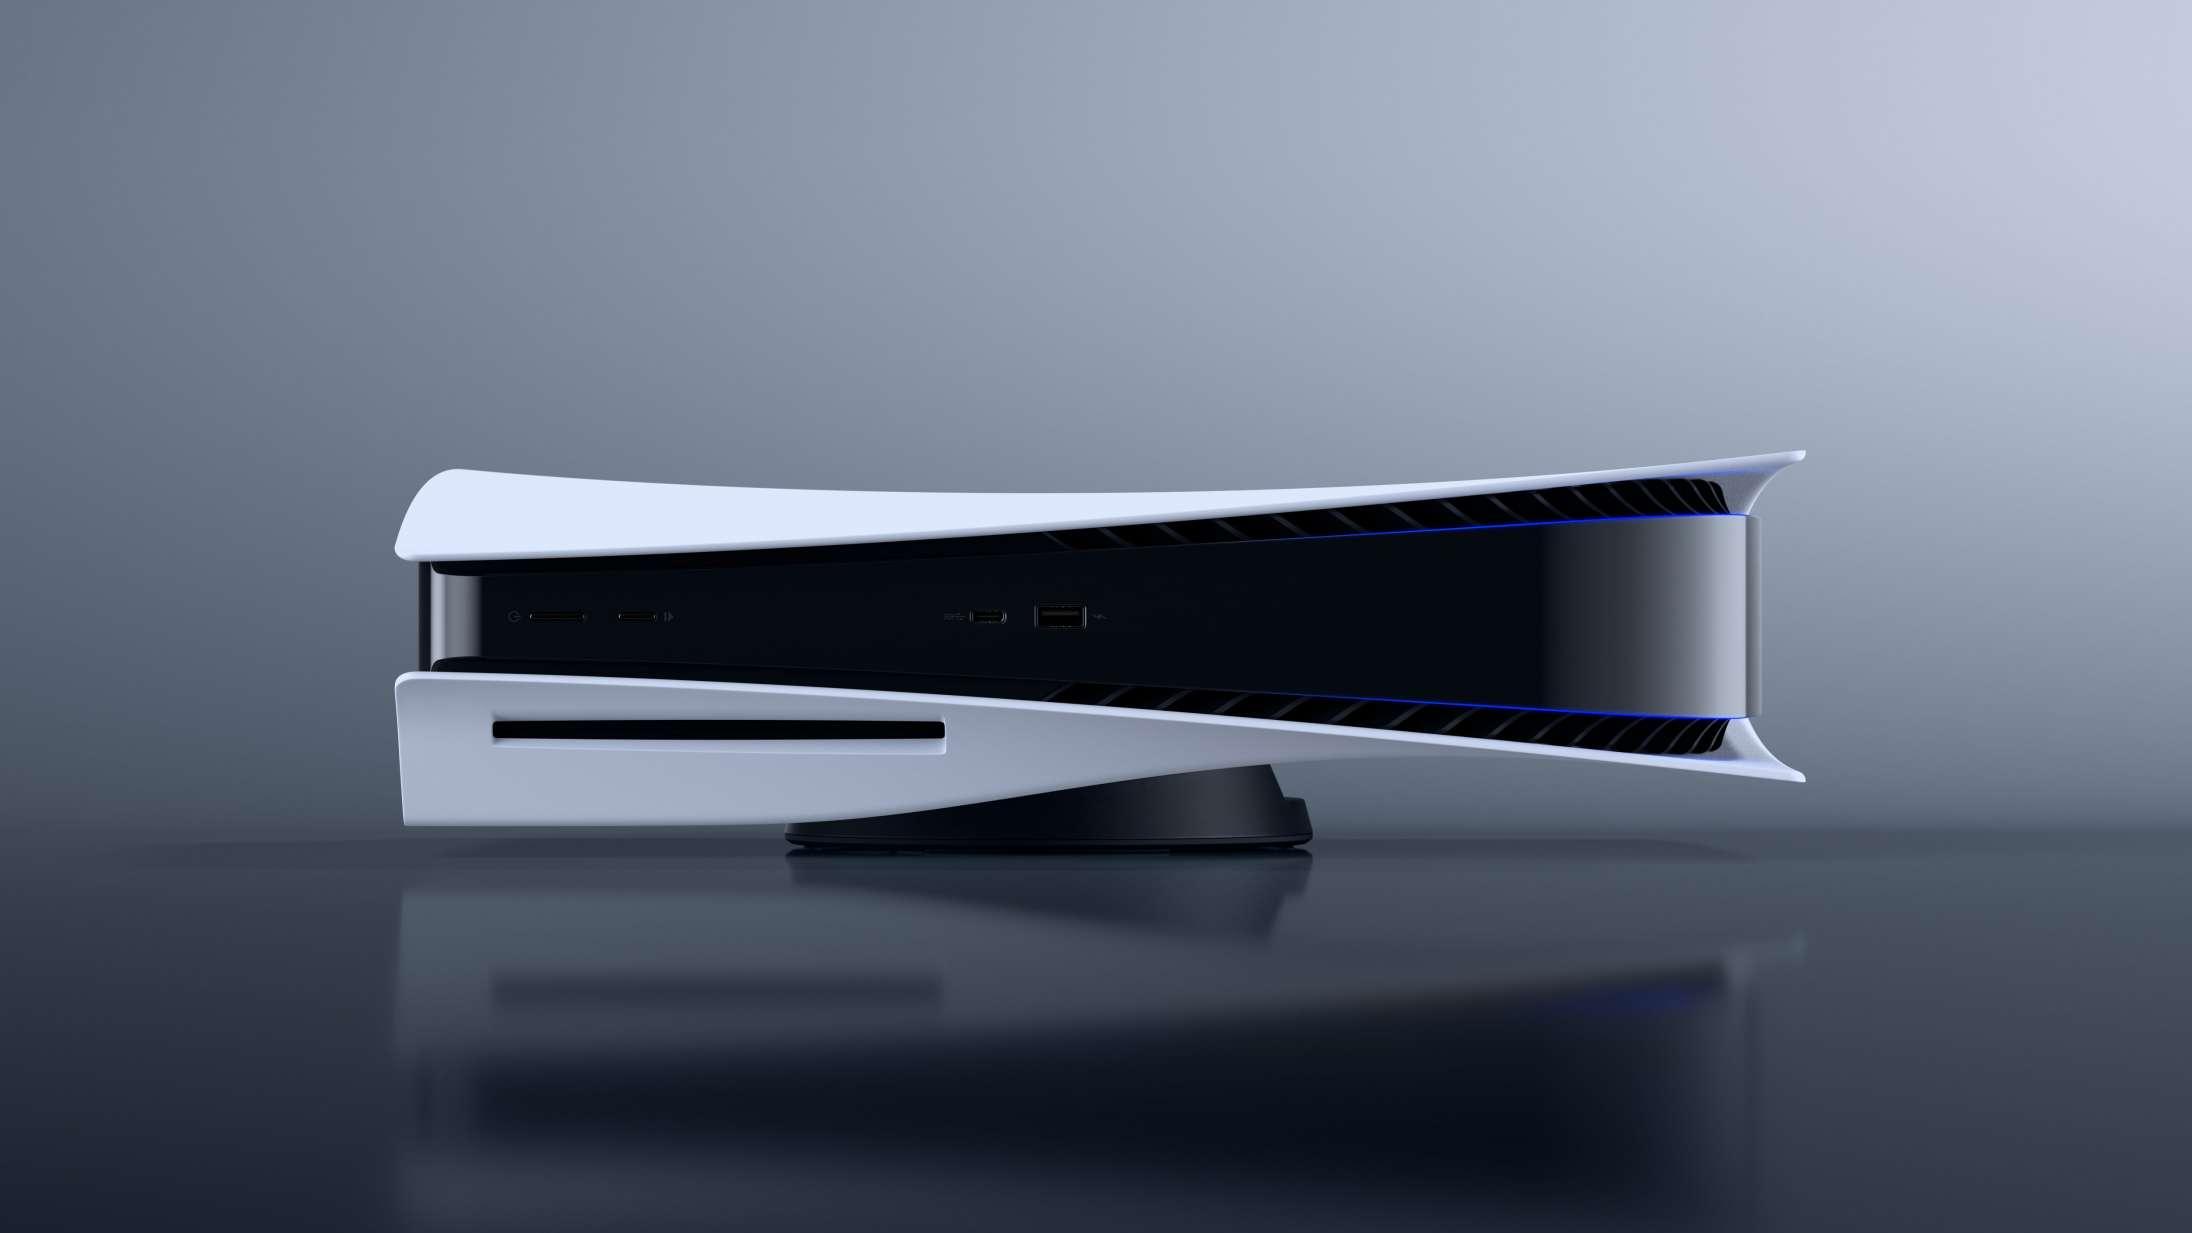 Sådan får du plads til efterårets største spil med den rigtige harddisk til din PlayStation 5